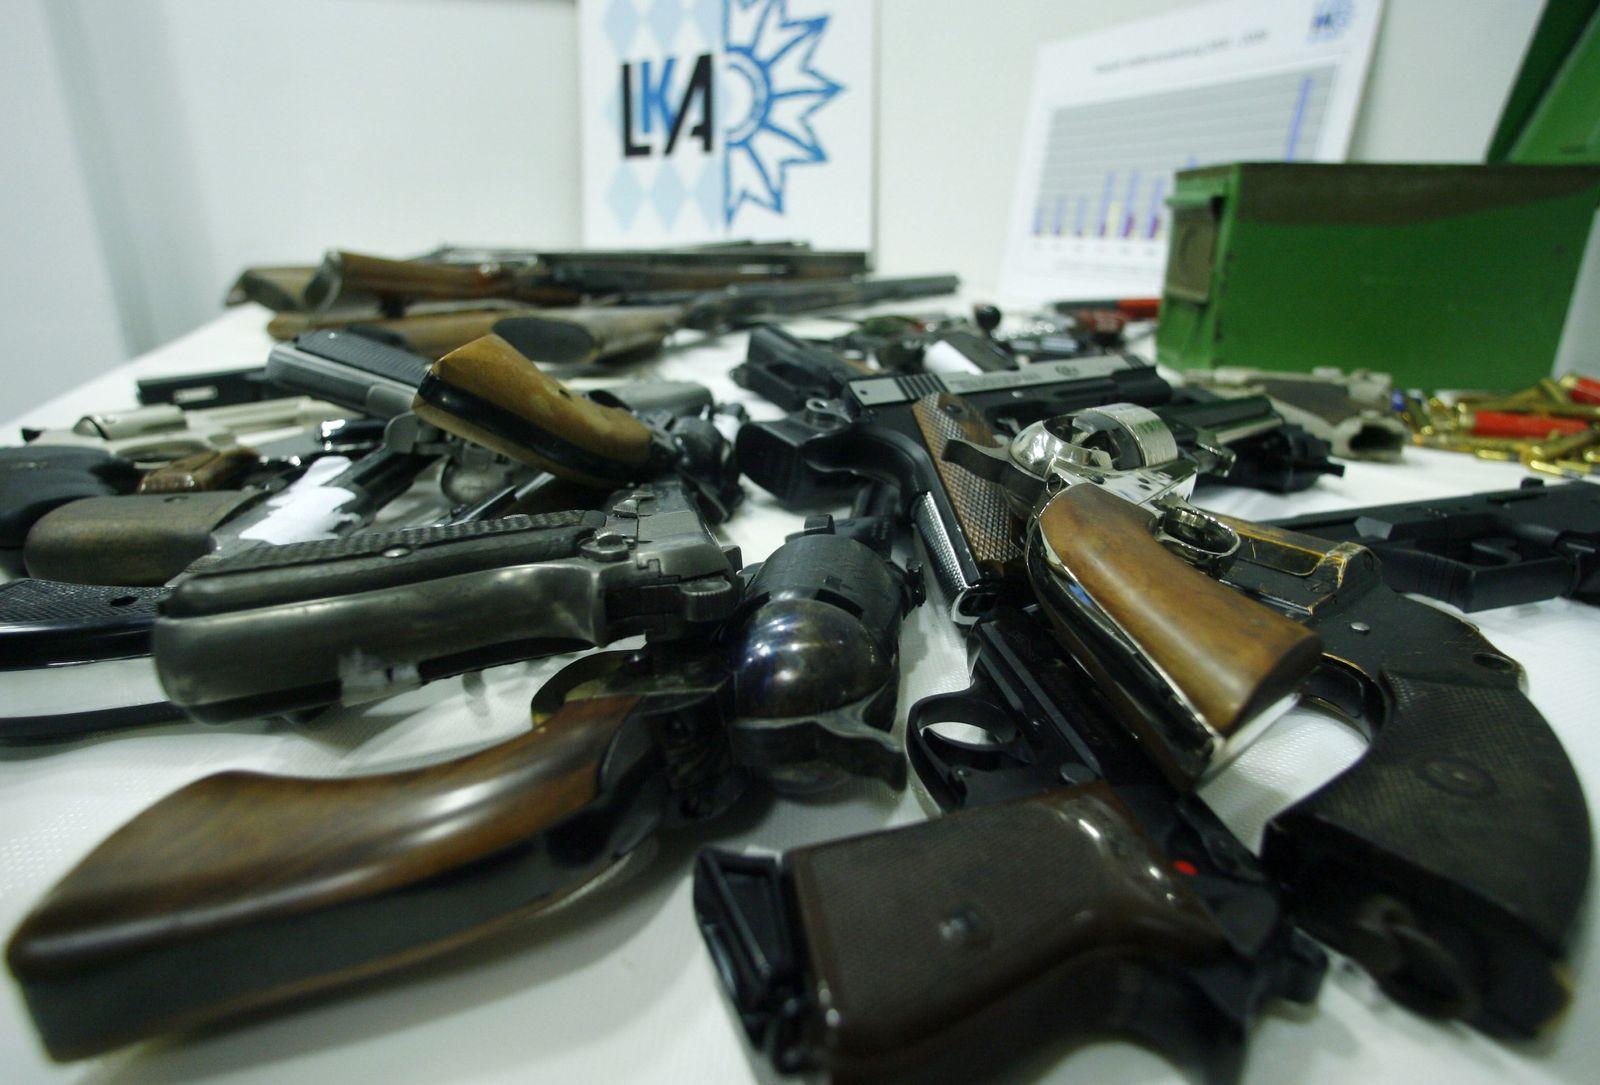 NICHT VERWENDEN Waffenrecht